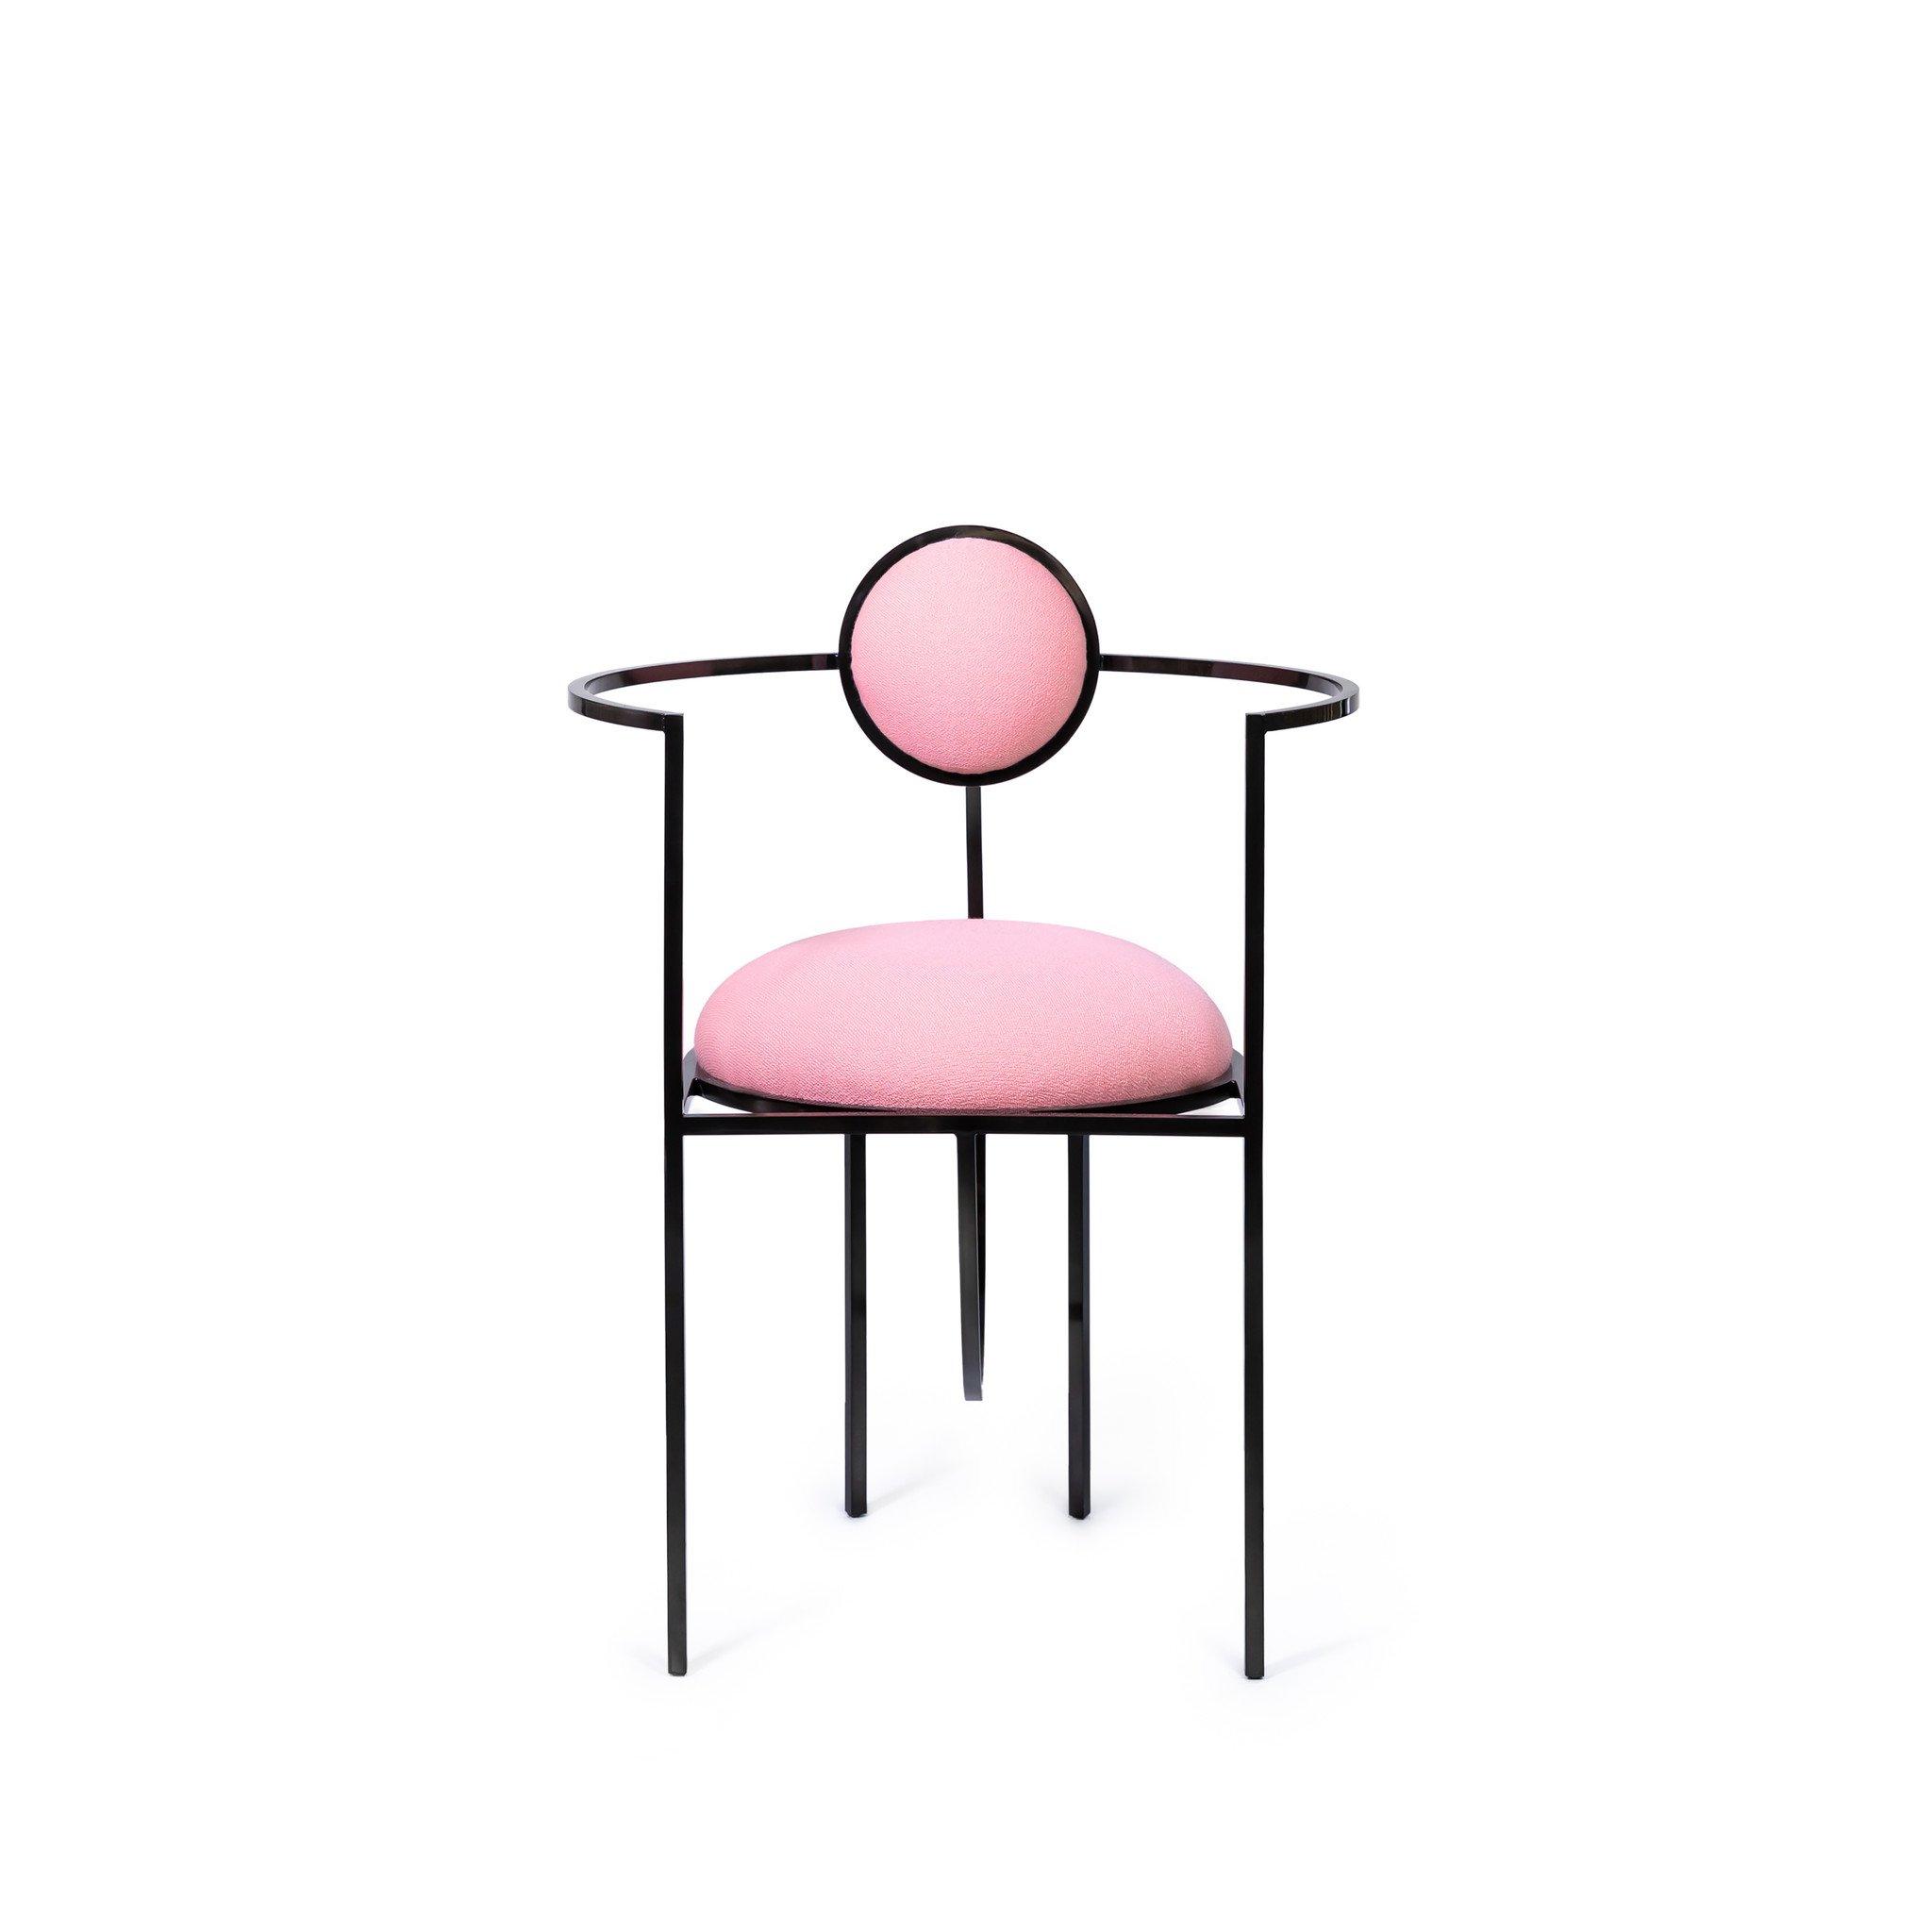 Bohinc Studio Lunar Chair in Steel and Wool, Pink